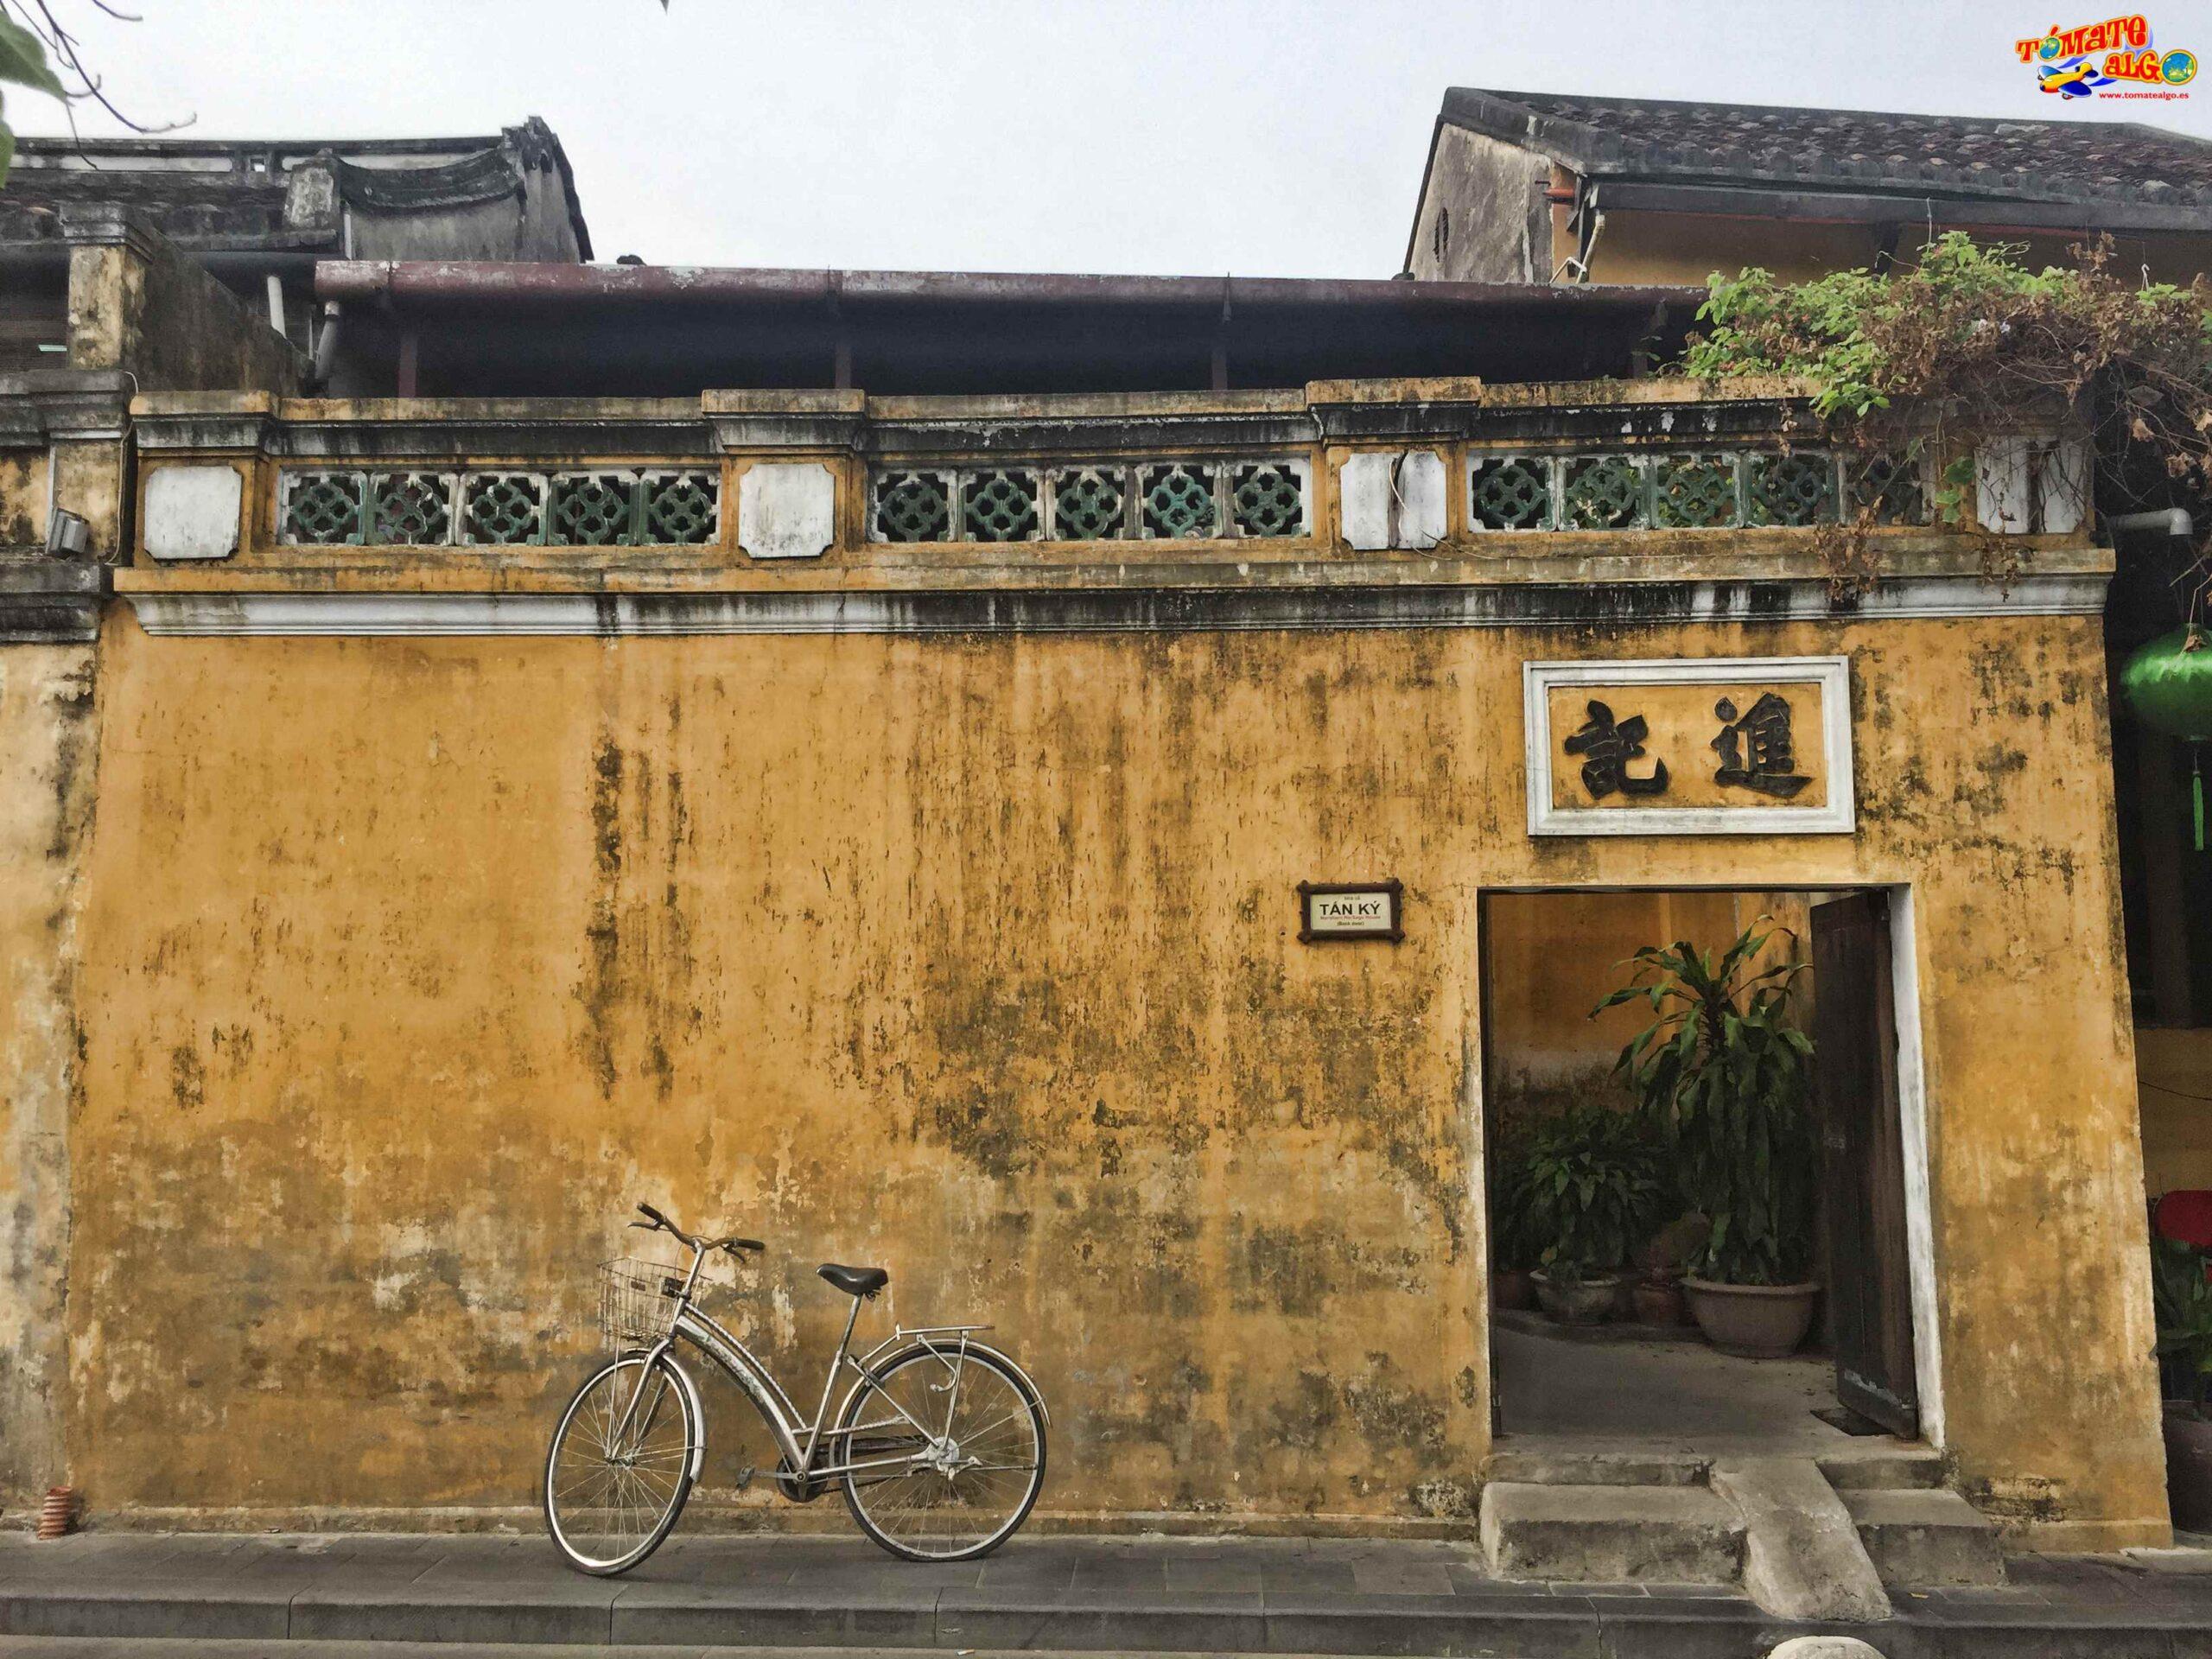 La fachada de la casa de Tan Ky